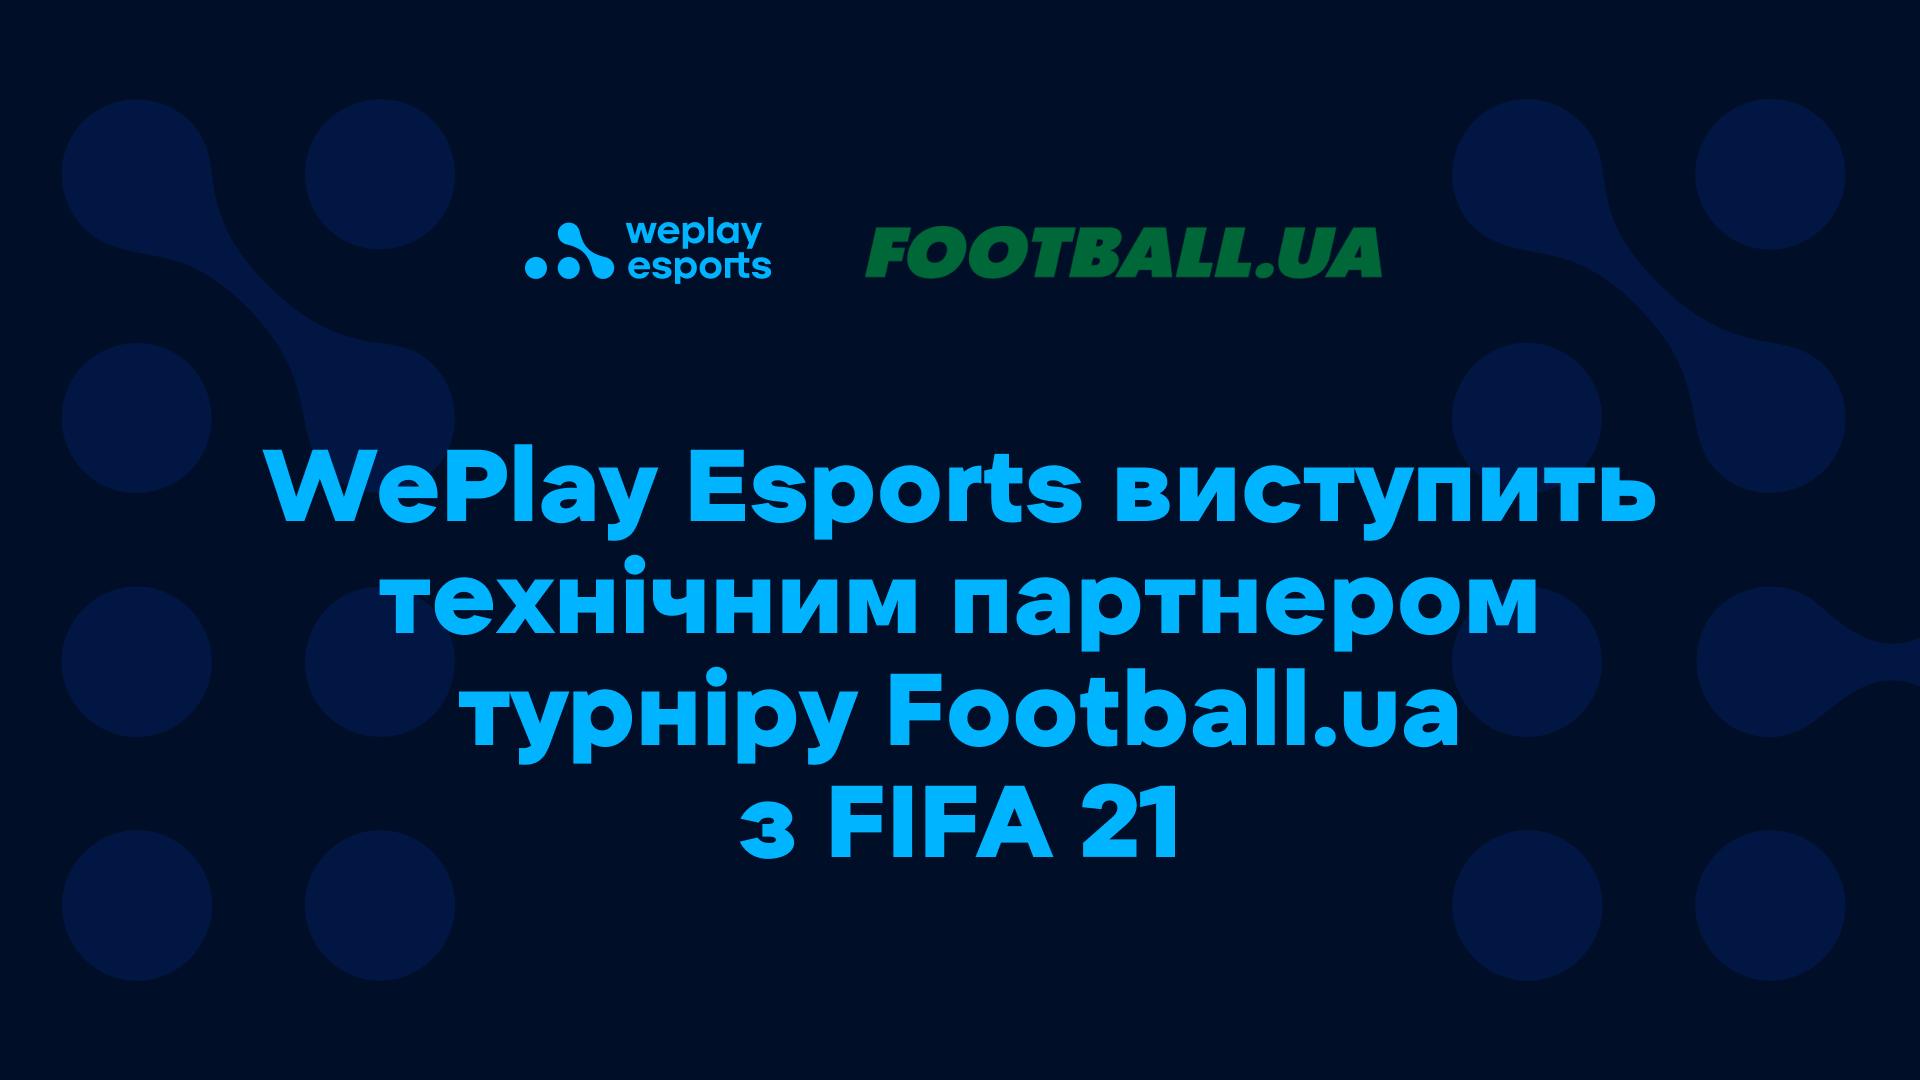 WePlay Esports виступить технічним партнером турніру Football.ua з FIFA 21. Зображення: WePlay Holding